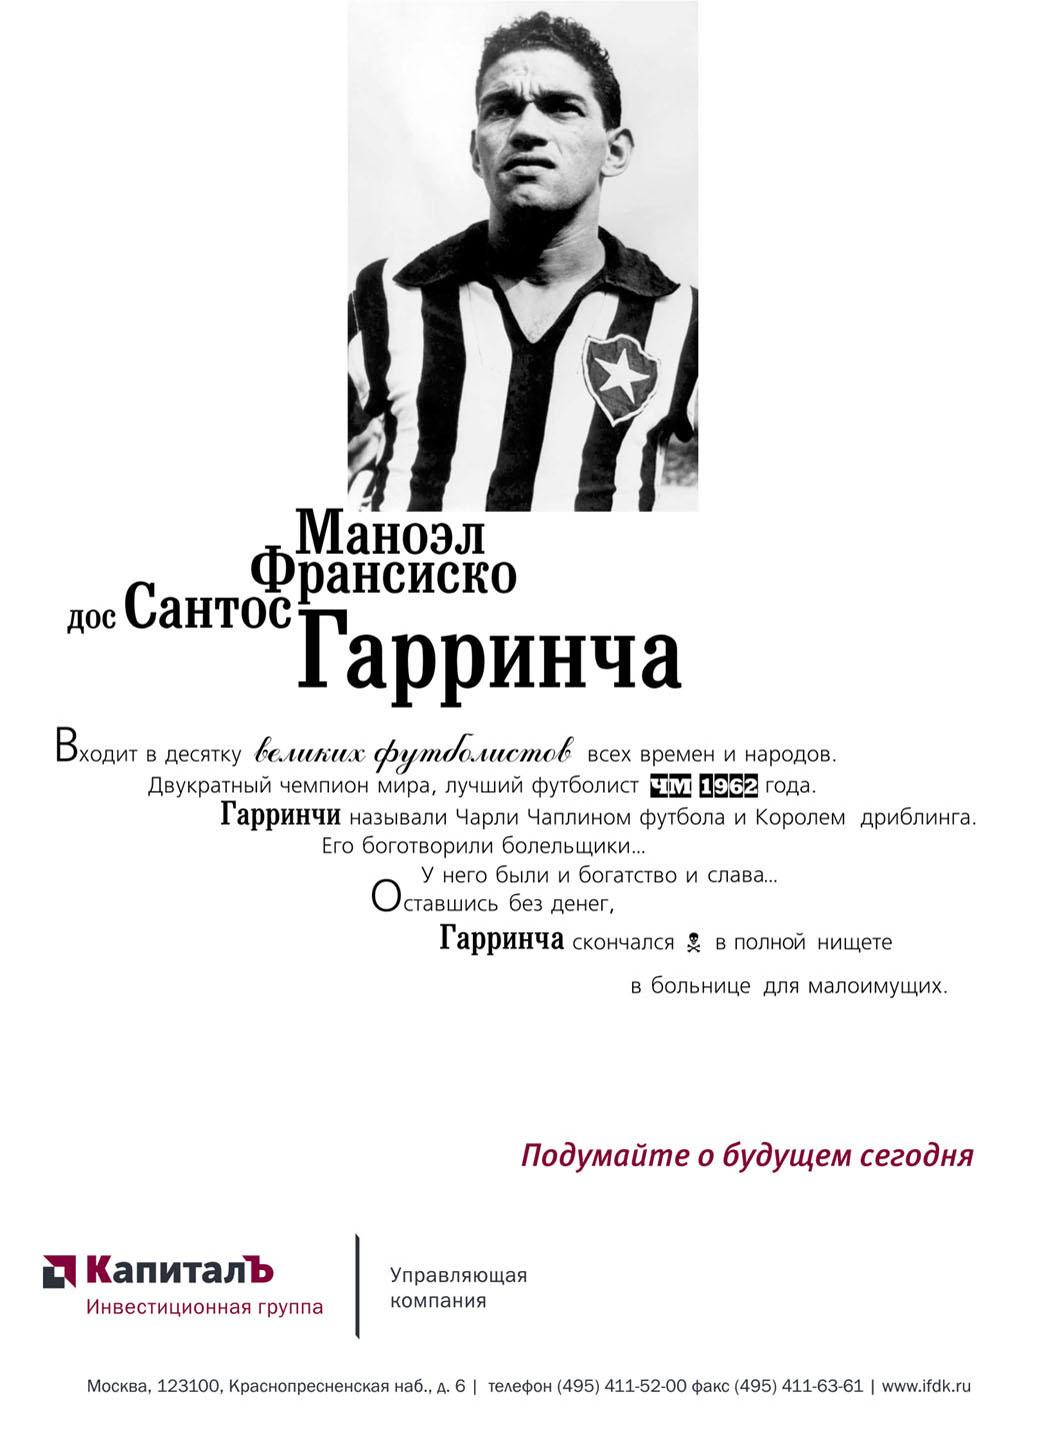 Вадим сосков капитал 6 фотография